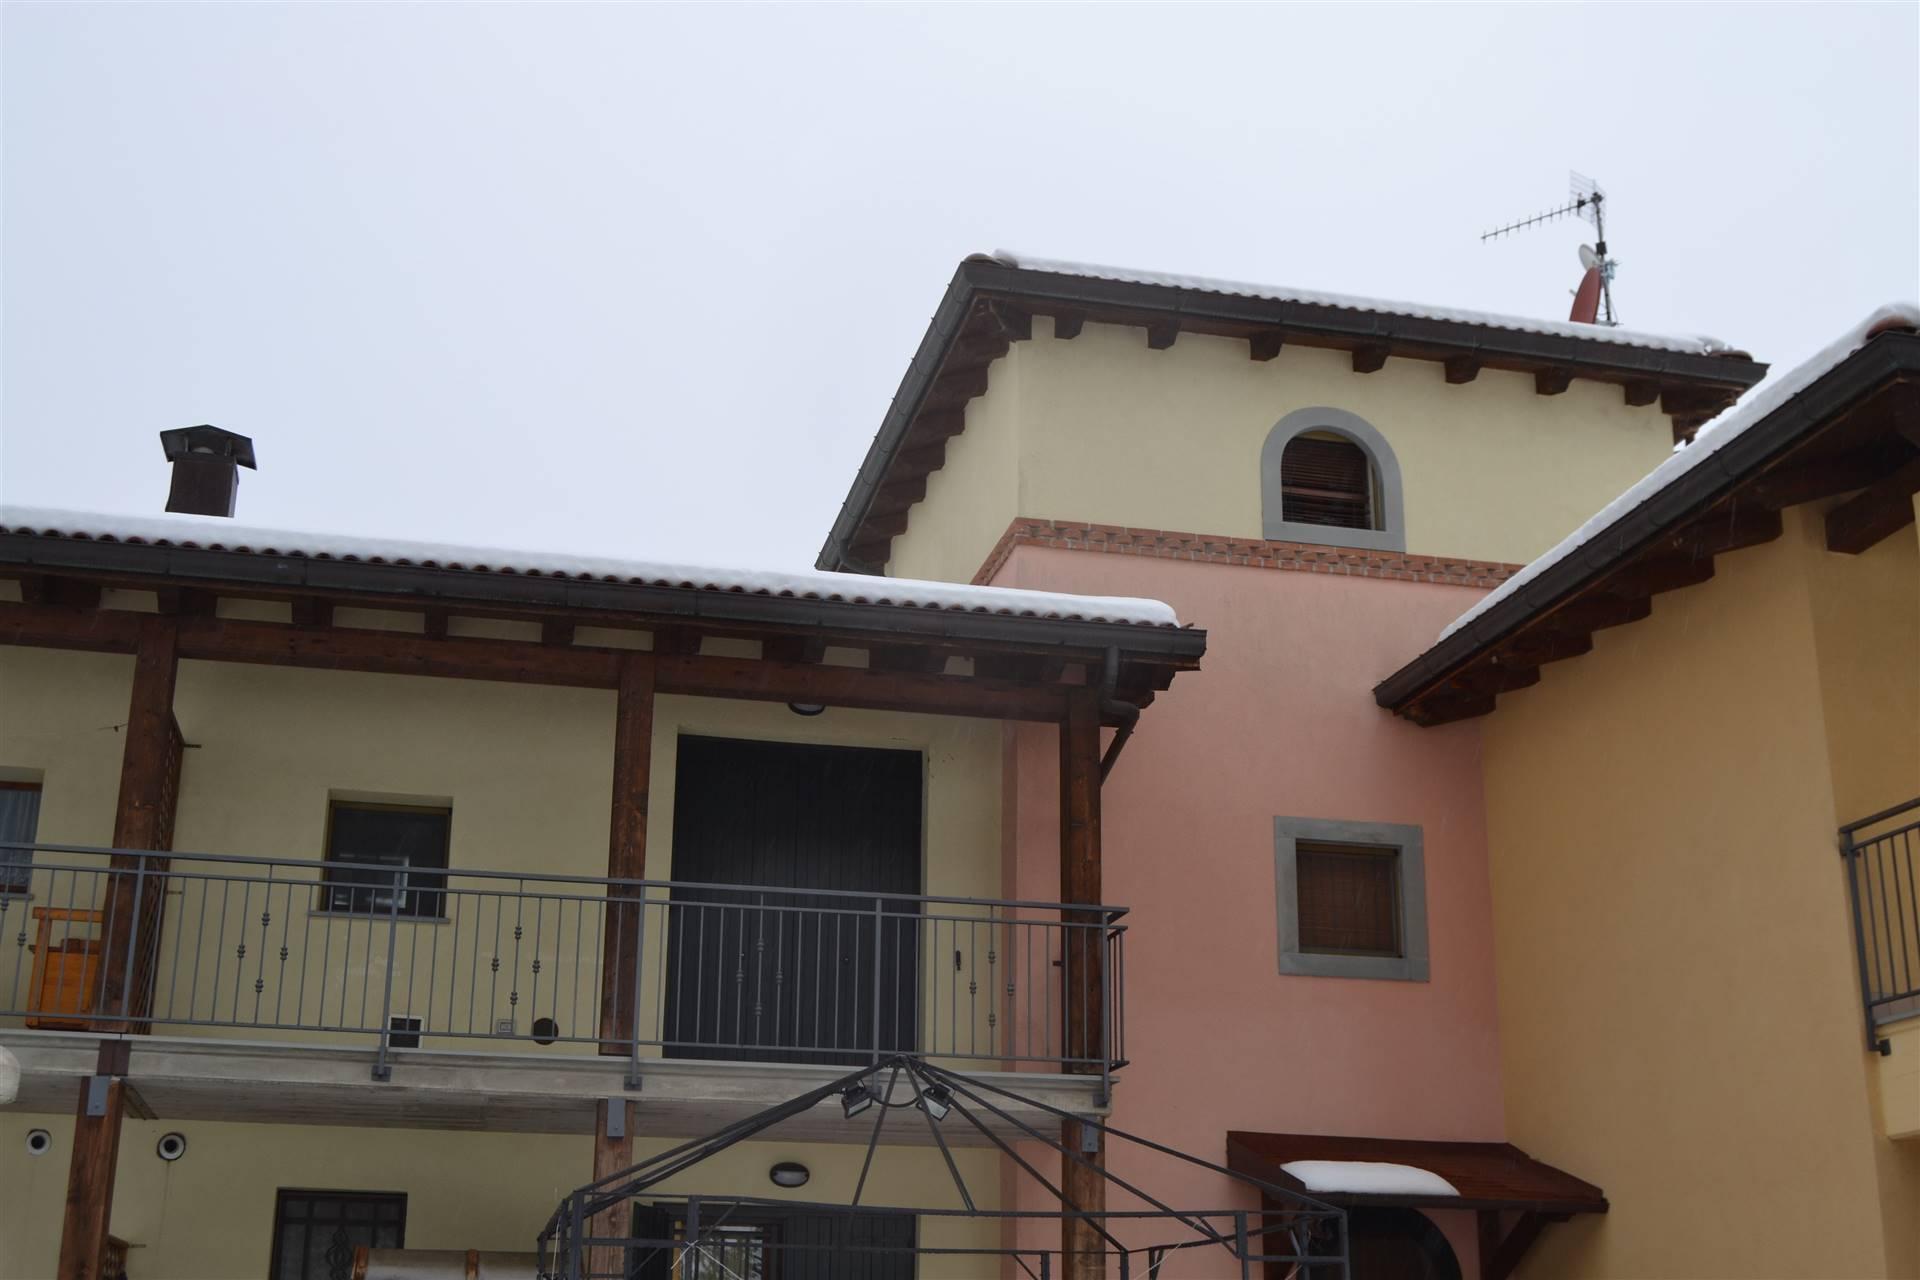 Appartamento in vendita a Grizzana Morandi, 4 locali, zona Zona: Salvaro, prezzo € 78.000 | CambioCasa.it